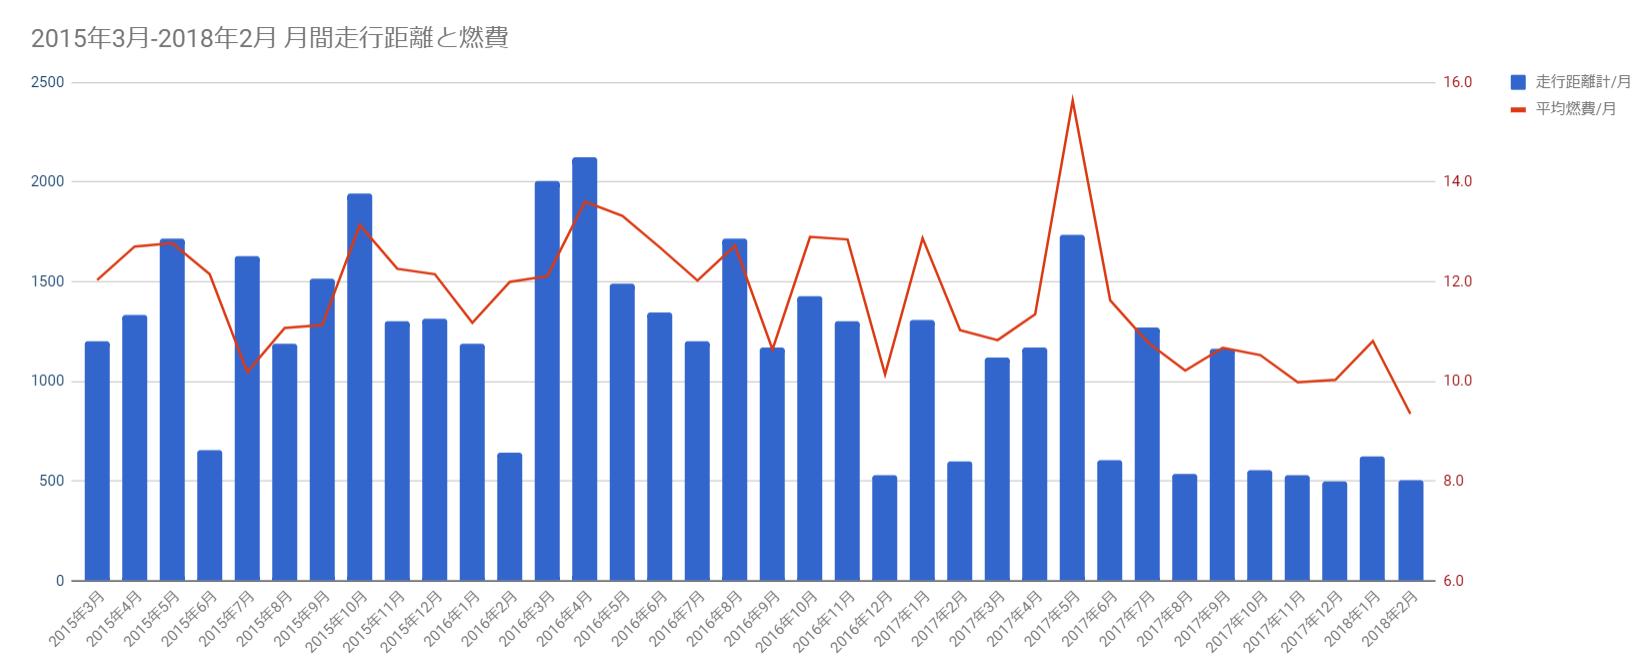 レヴォーグ 3年間 45000㎞の月間走行距離と燃費の推移